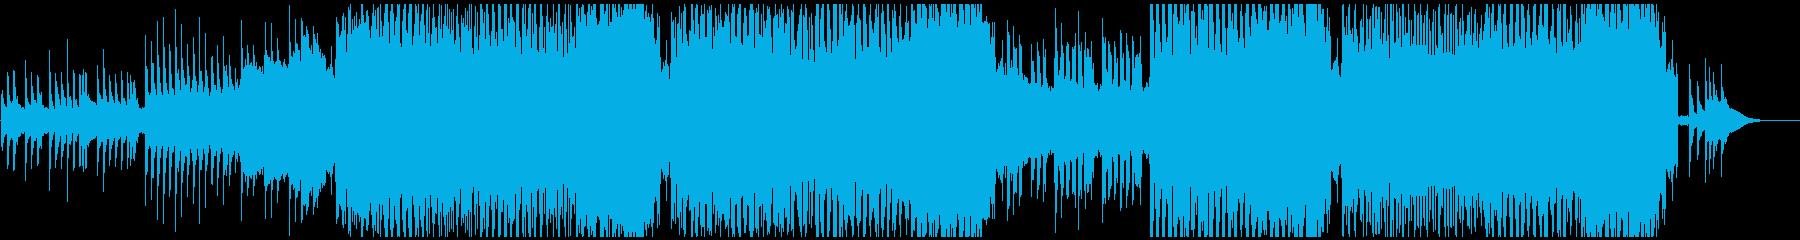 トランスアレンジの「さくらさくら」ですの再生済みの波形